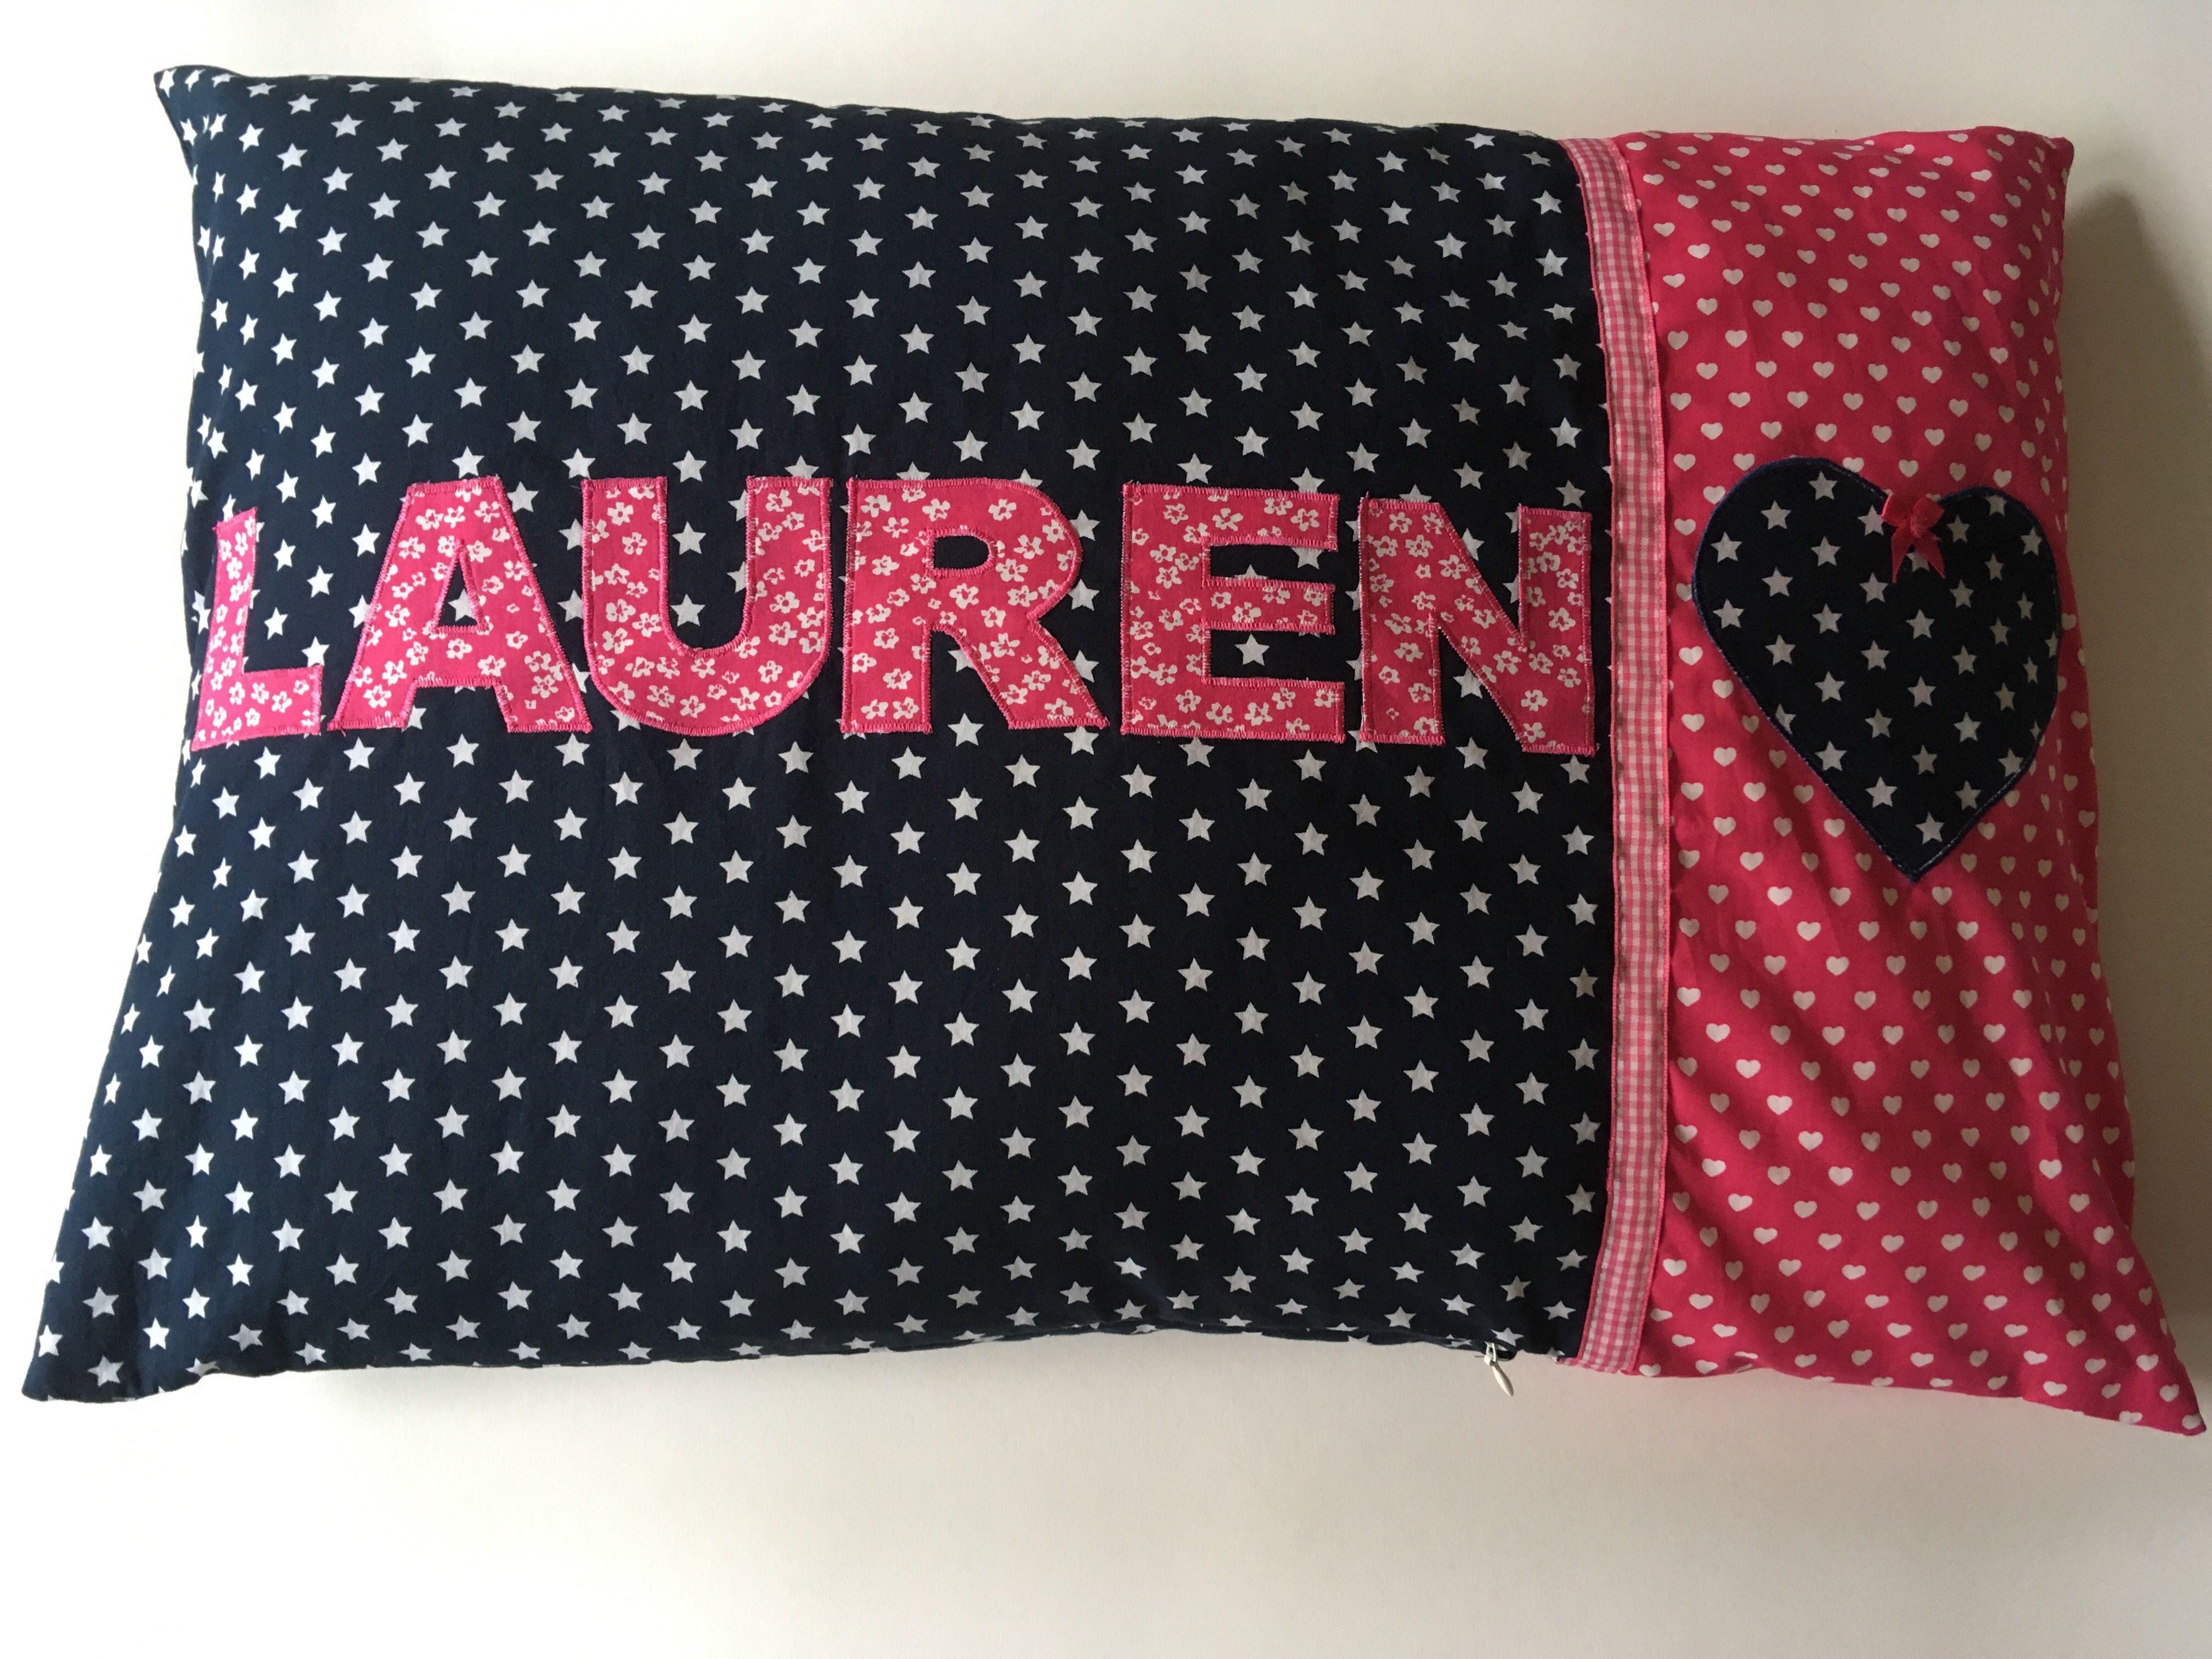 Kussen Met Naam : De gepersonaliseerde roze kussens met ster en naam etsy